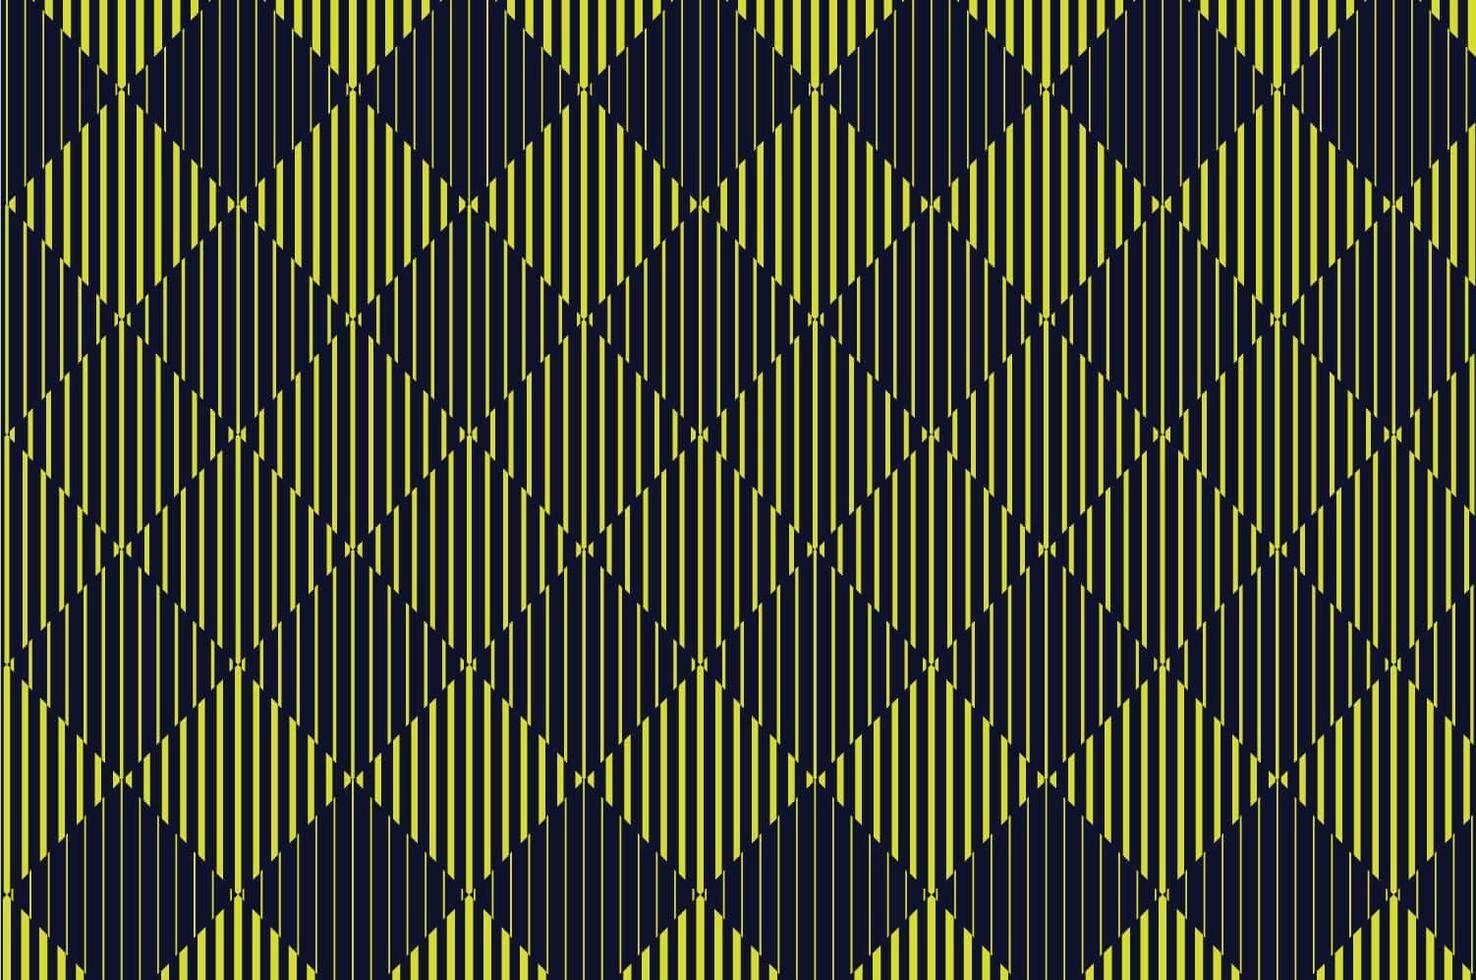 Halbtonmuster der gelben und schwarzen Diamantlinie vektor